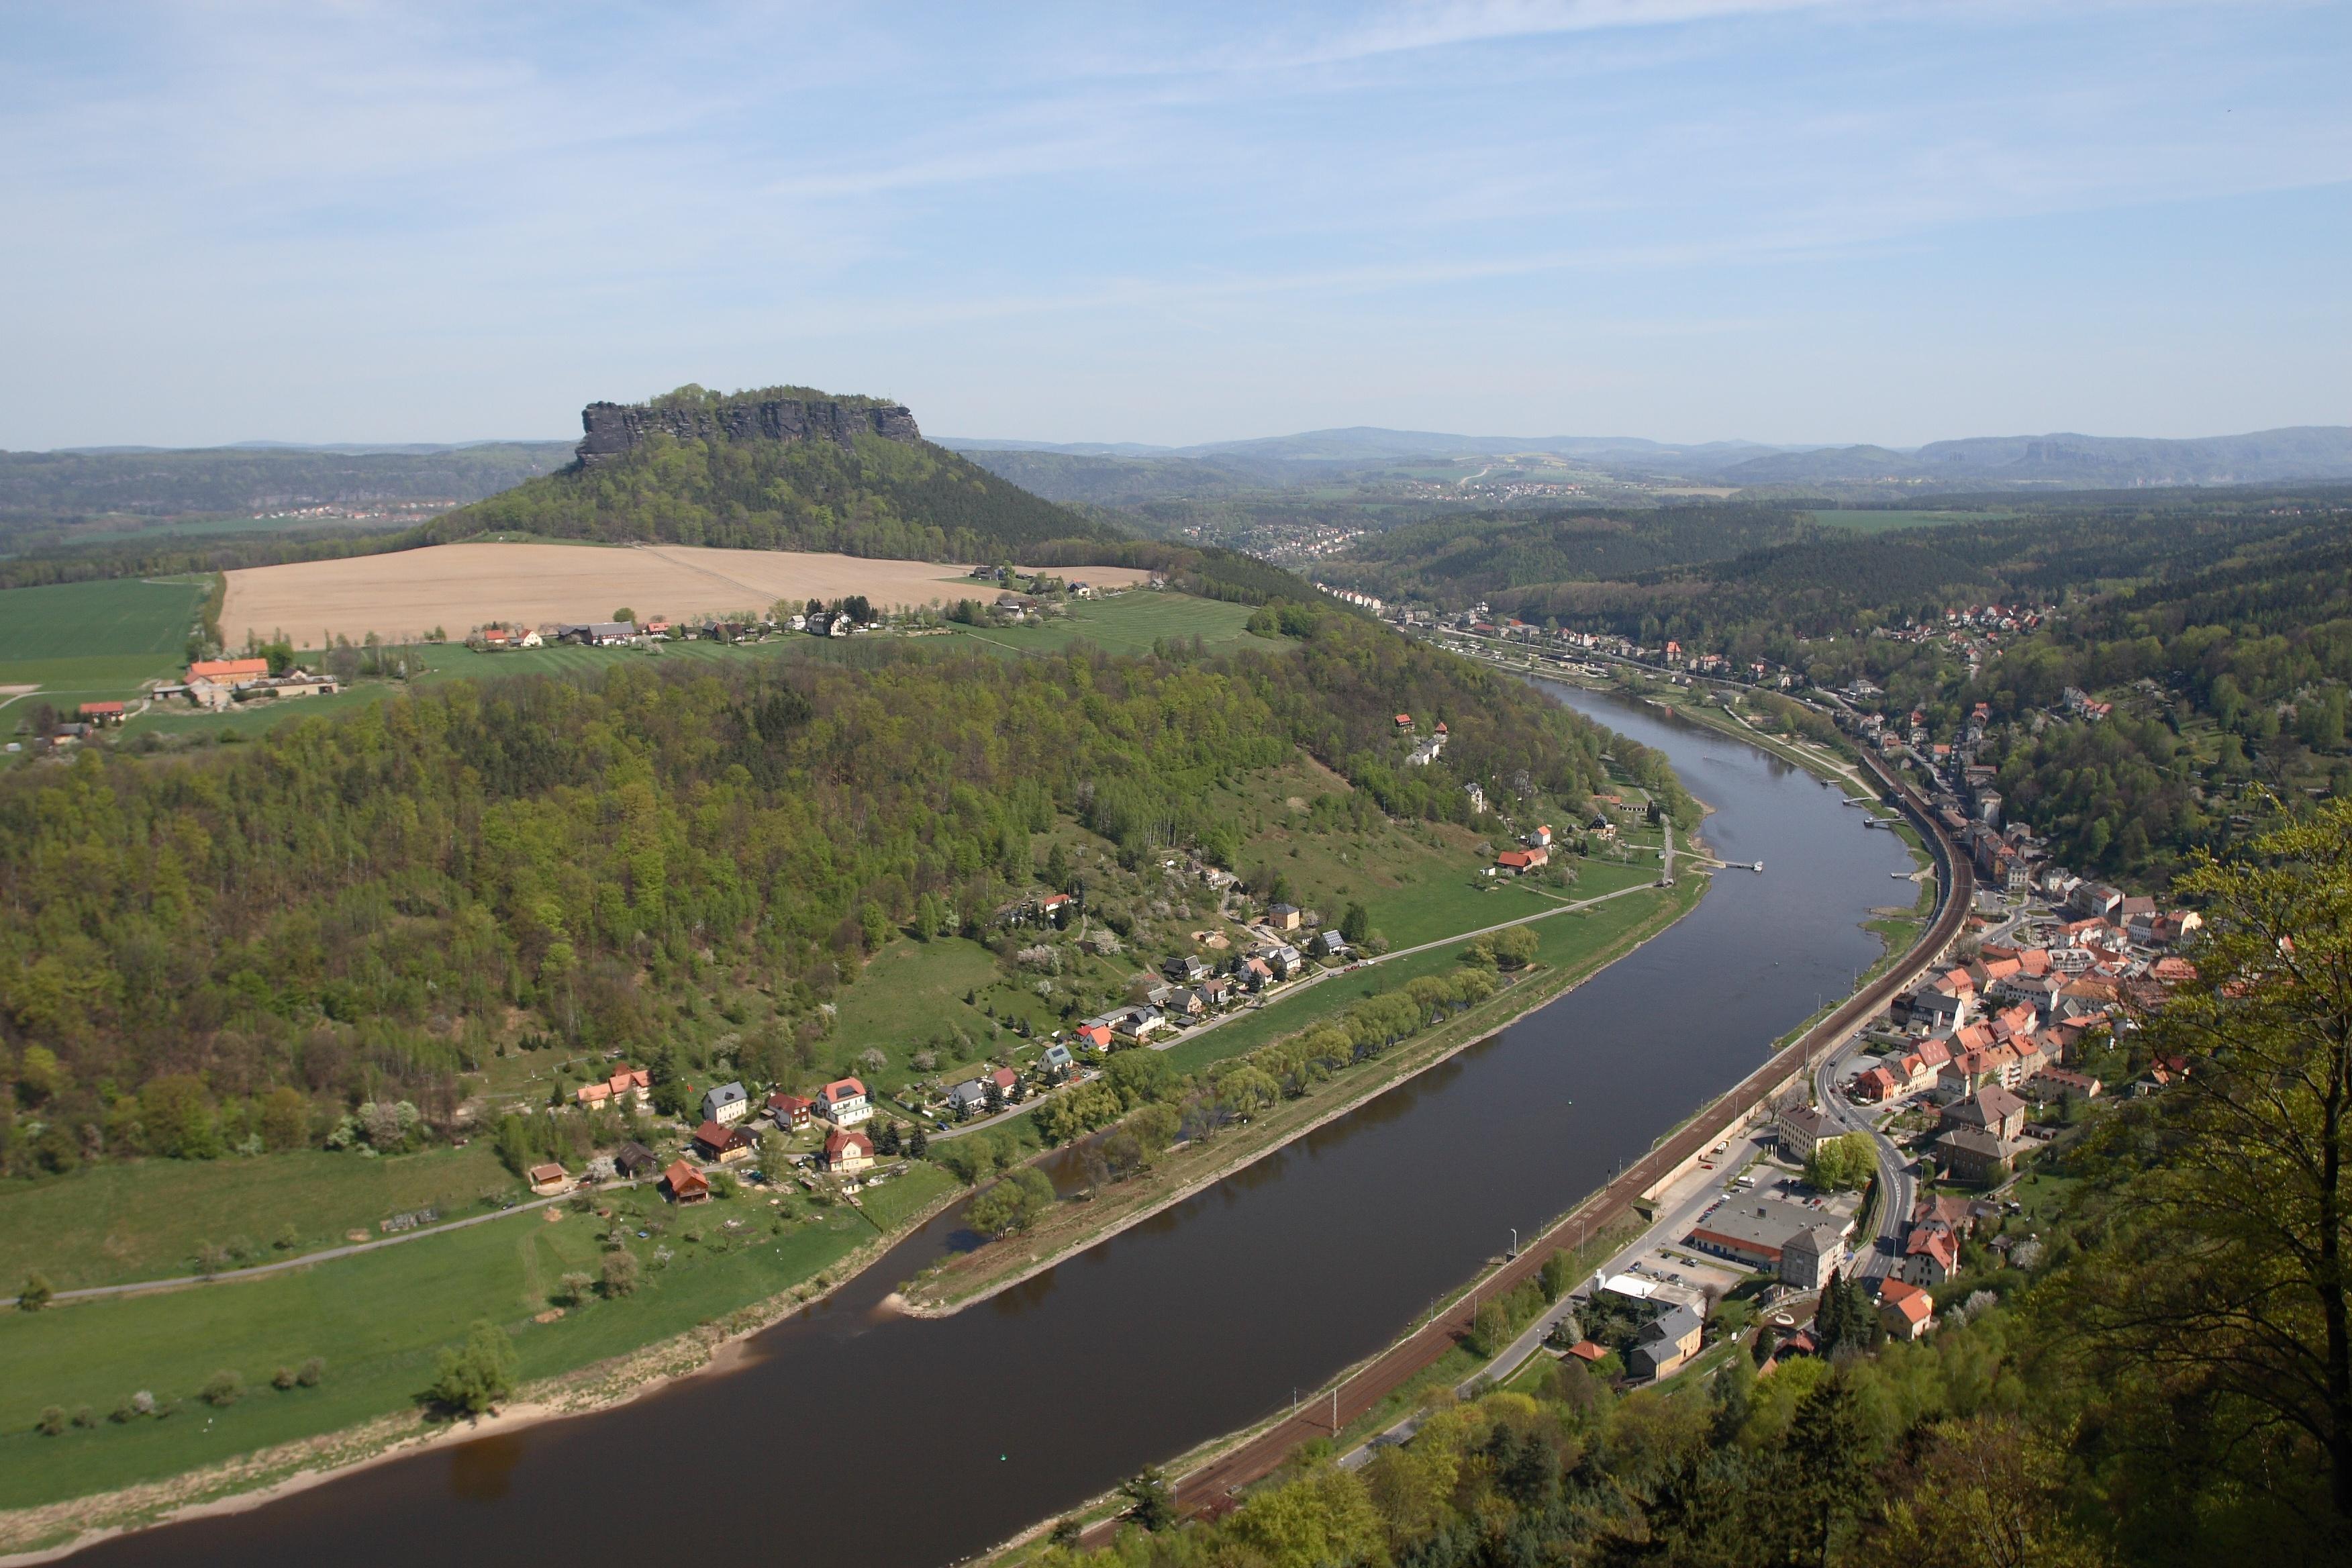 FileLilienstein And Elbe River From Koenigstein Saxonyjpg - Elbe river